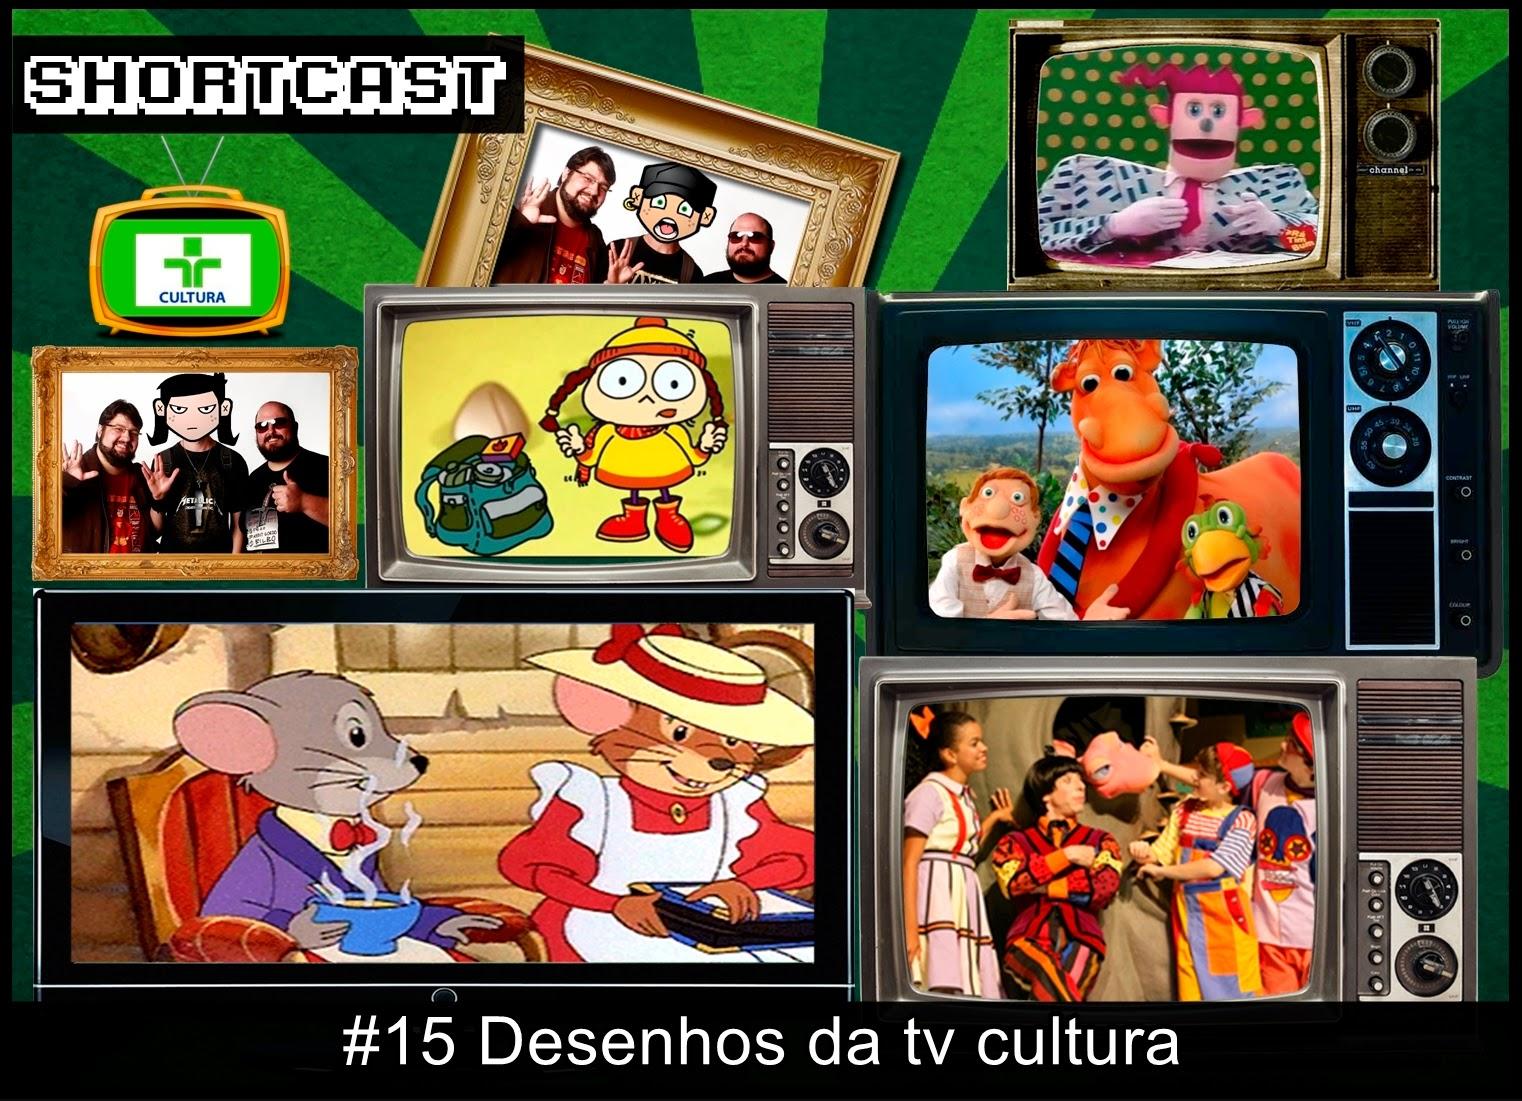 Shortcast #15 - Desenhos da TV Cultura